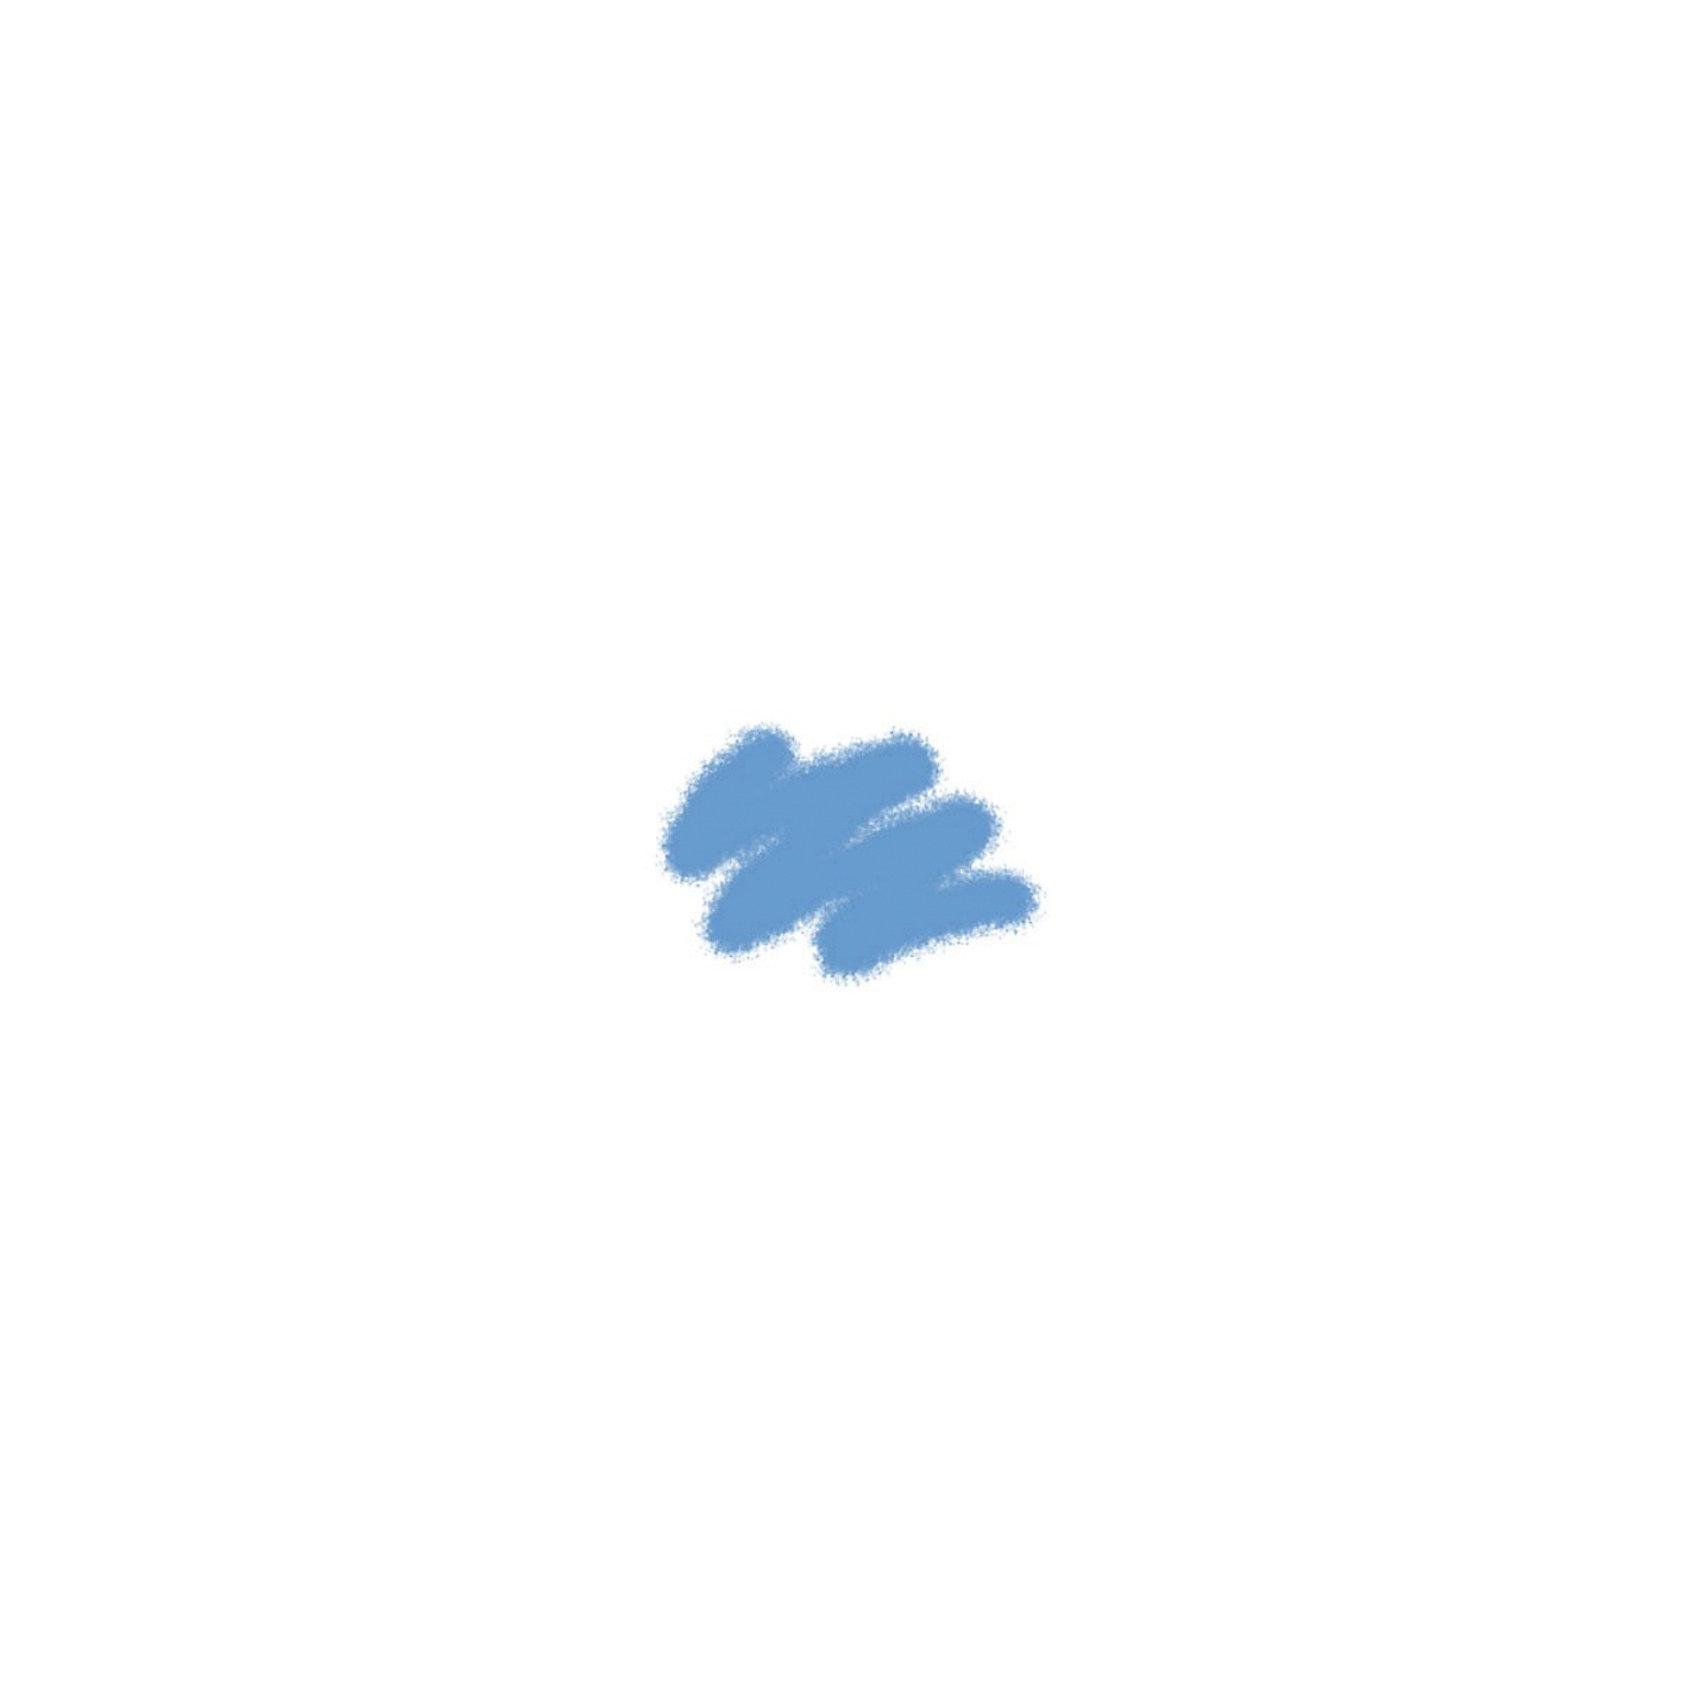 Акриловая краска для моделей Звезда, серо-голубая 12 млМодели для склеивания<br>Краска серо-голубая<br><br>Ширина мм: 26<br>Глубина мм: 26<br>Высота мм: 64<br>Вес г: 30<br>Возраст от месяцев: 72<br>Возраст до месяцев: 180<br>Пол: Мужской<br>Возраст: Детский<br>SKU: 7086607